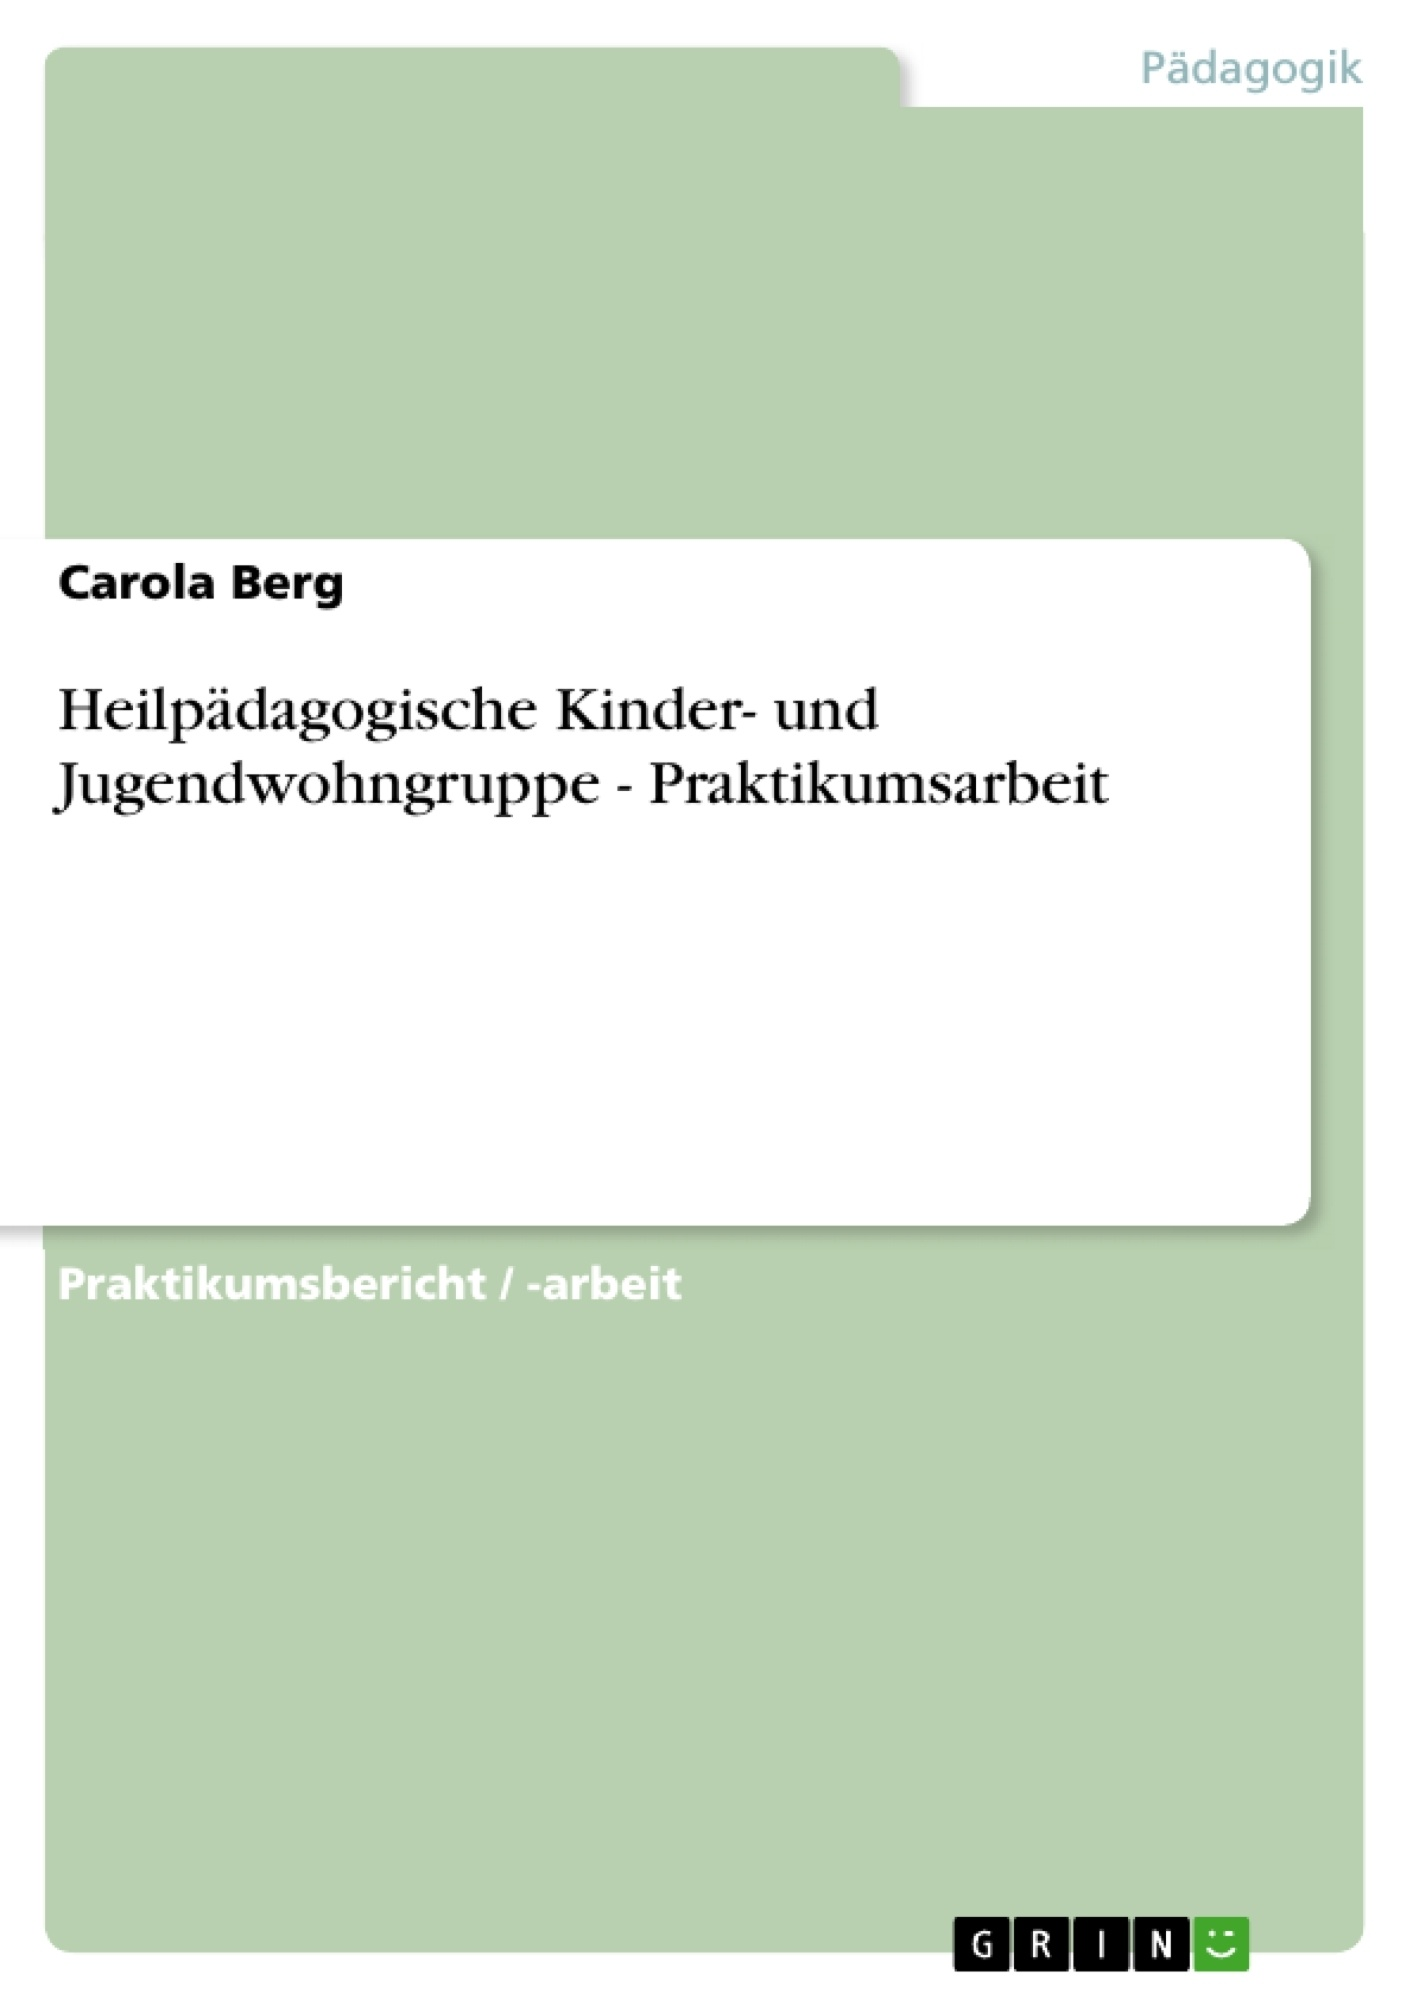 Titel: Heilpädagogische Kinder- und Jugendwohngruppe - Praktikumsarbeit